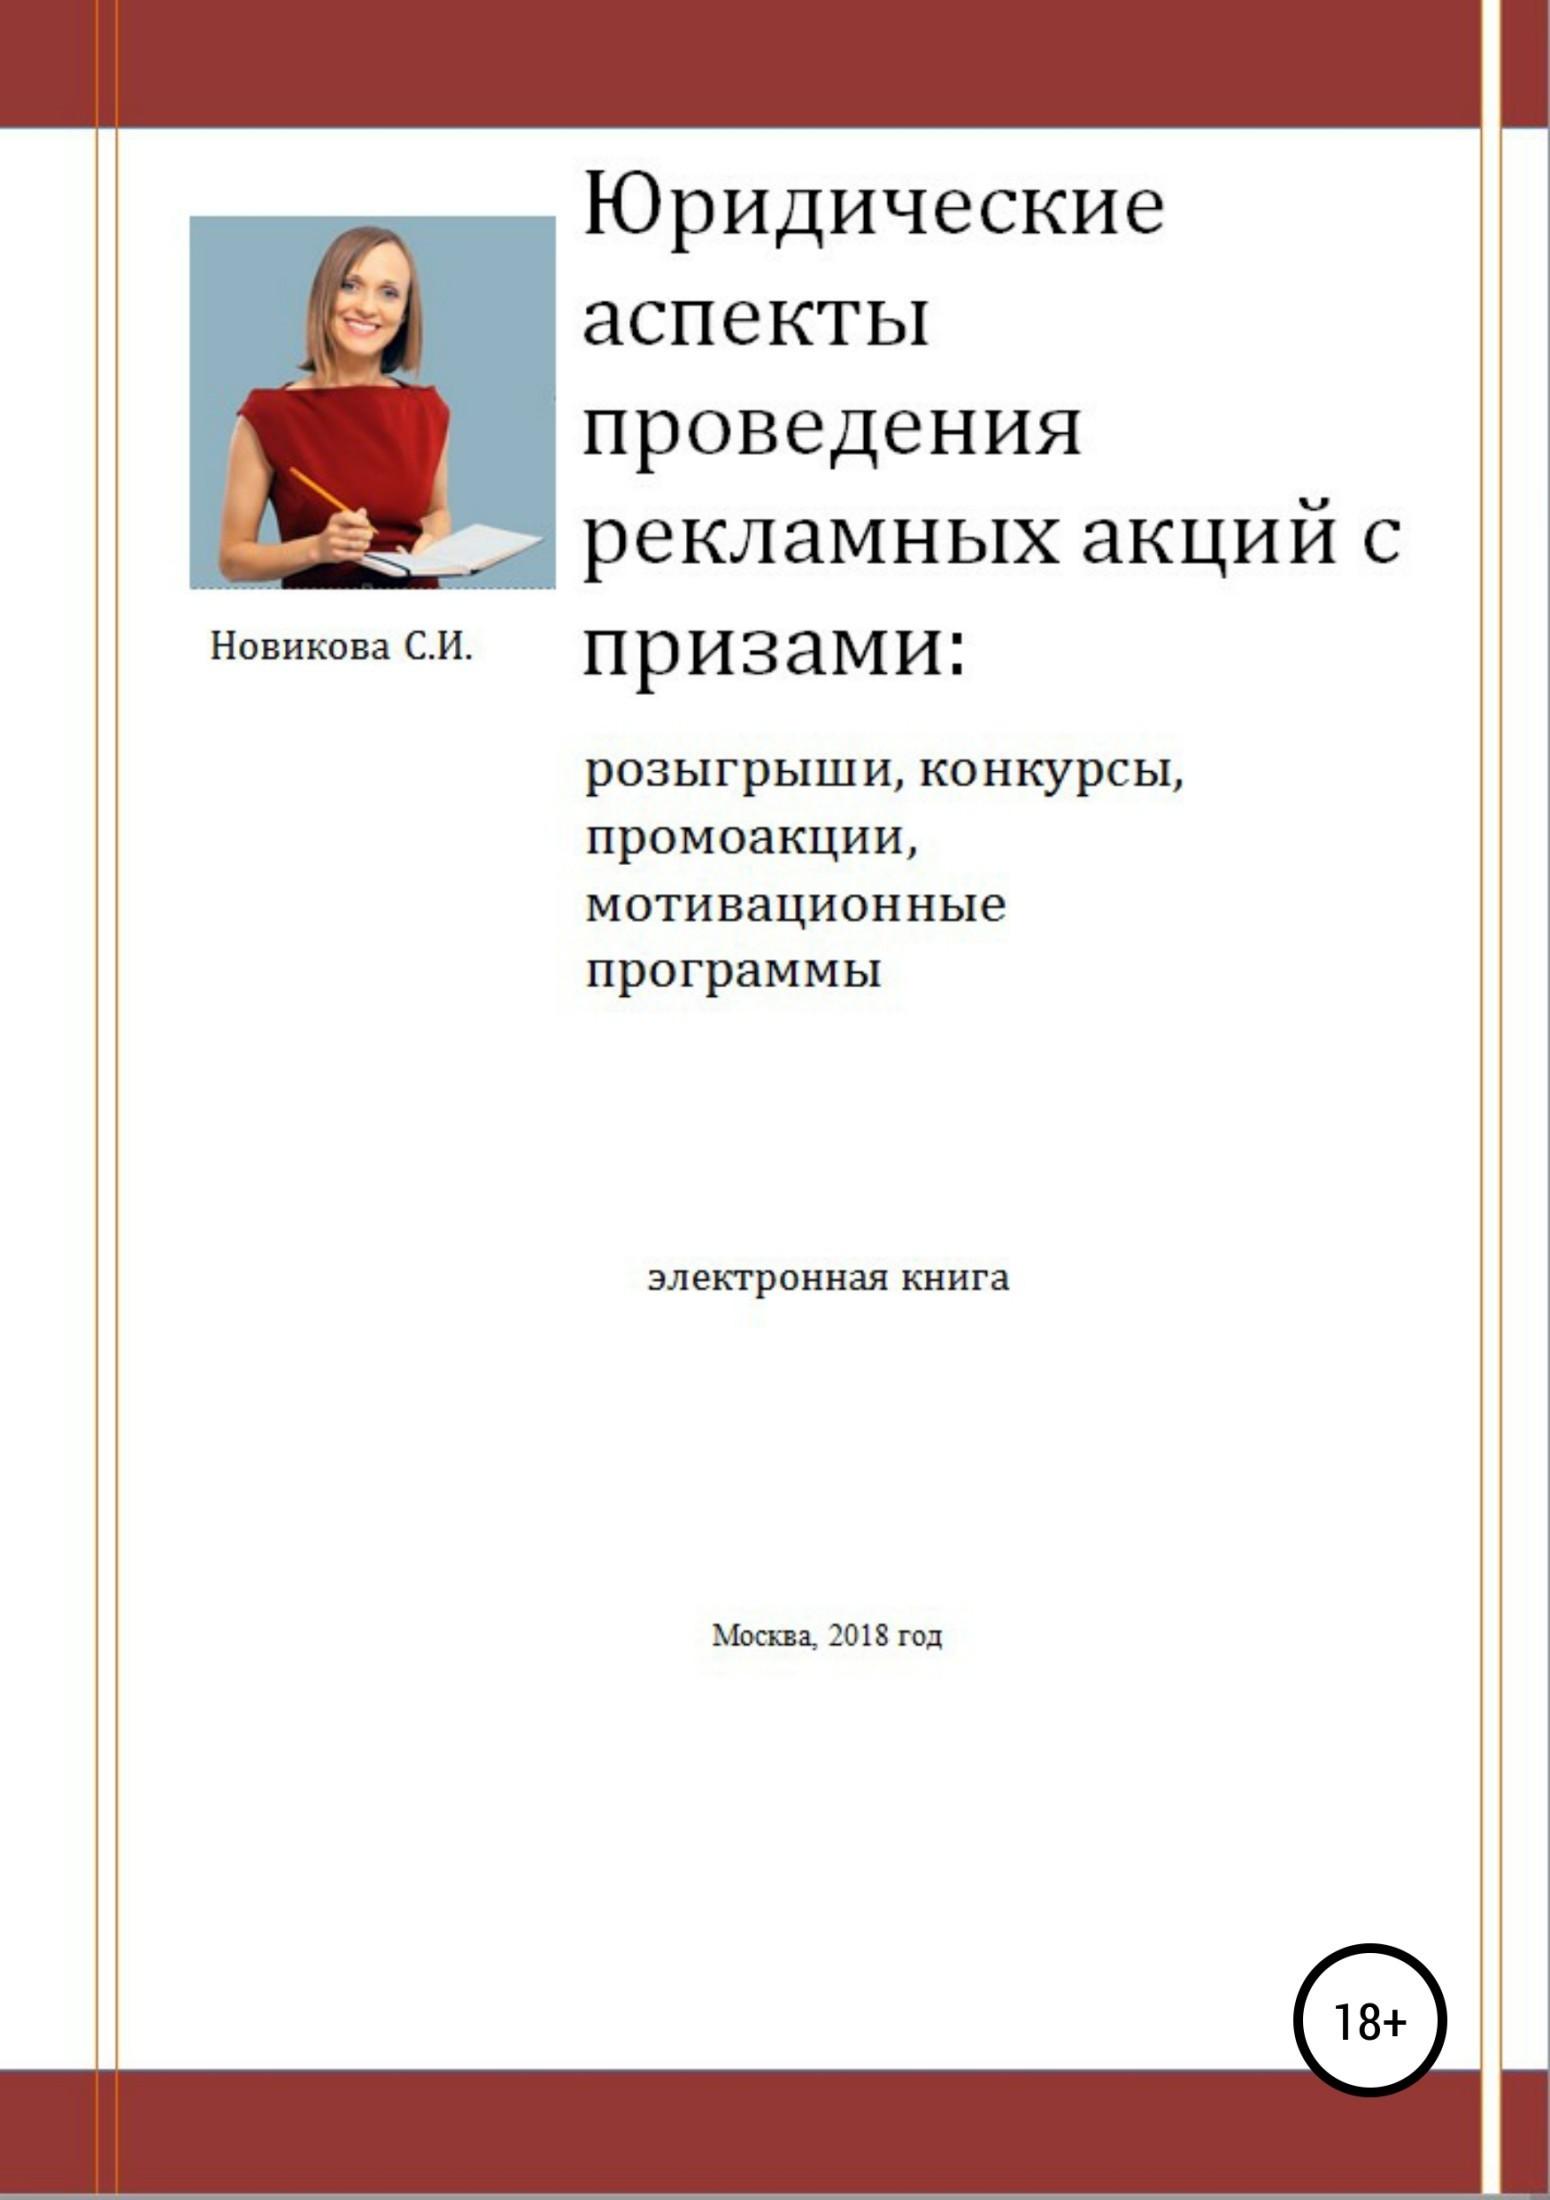 Обложка книги. Автор - Светлана Новикова